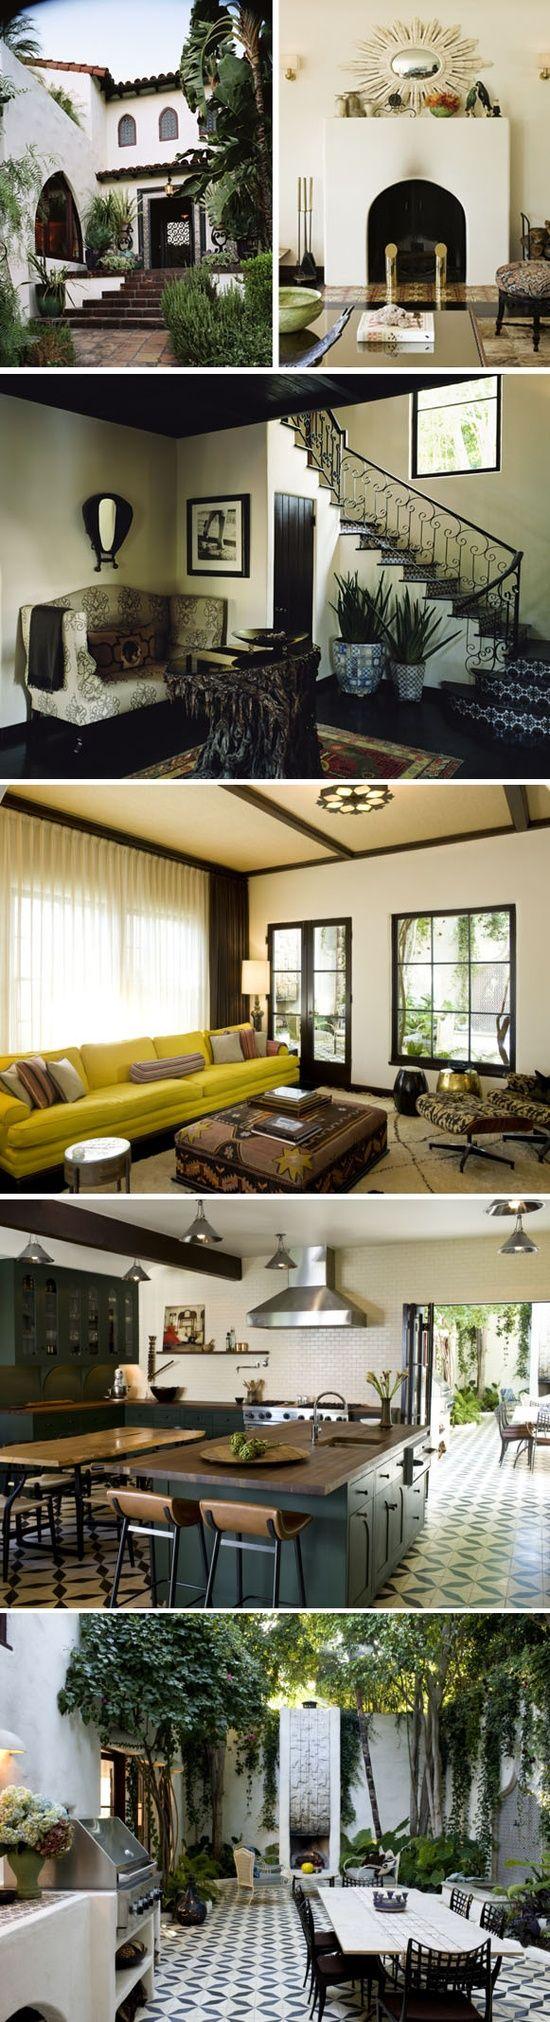 Spanish Style | Fabulous Spanish Style Home